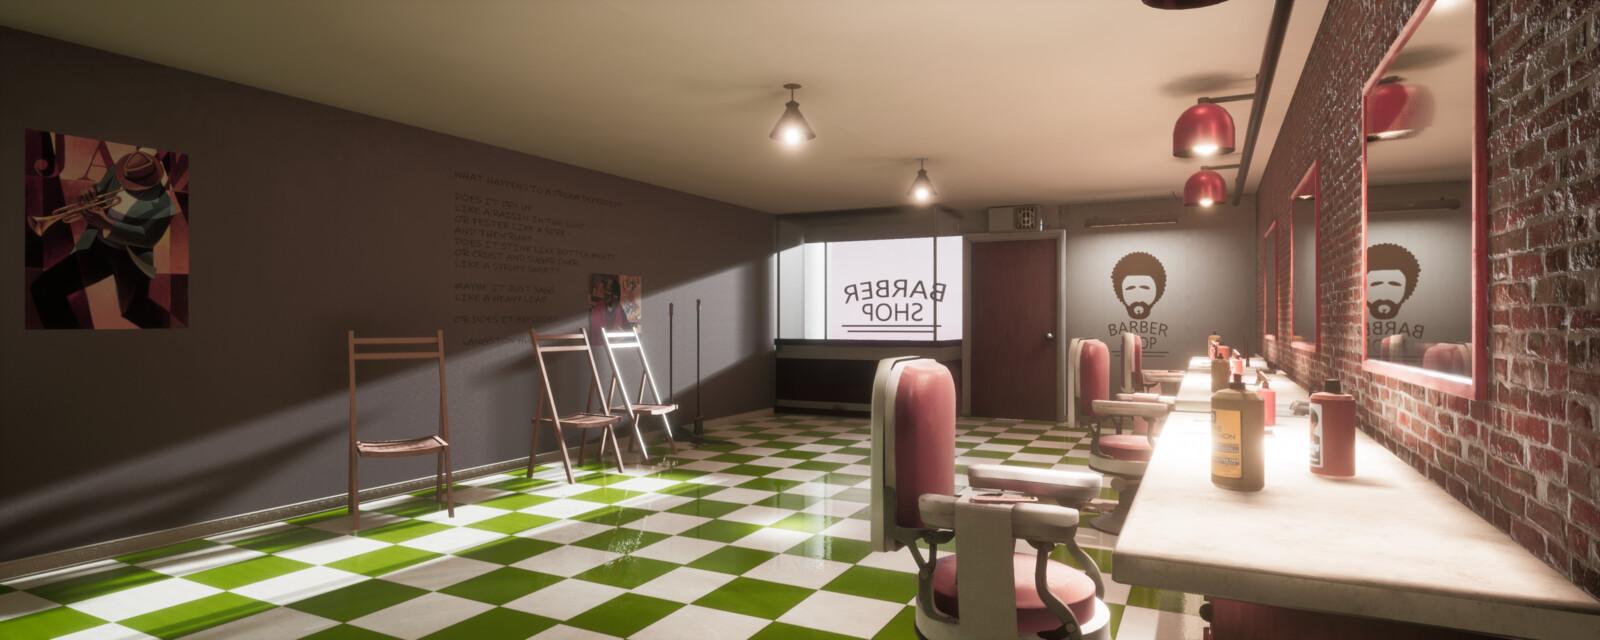 Harlem Barbershop WIP